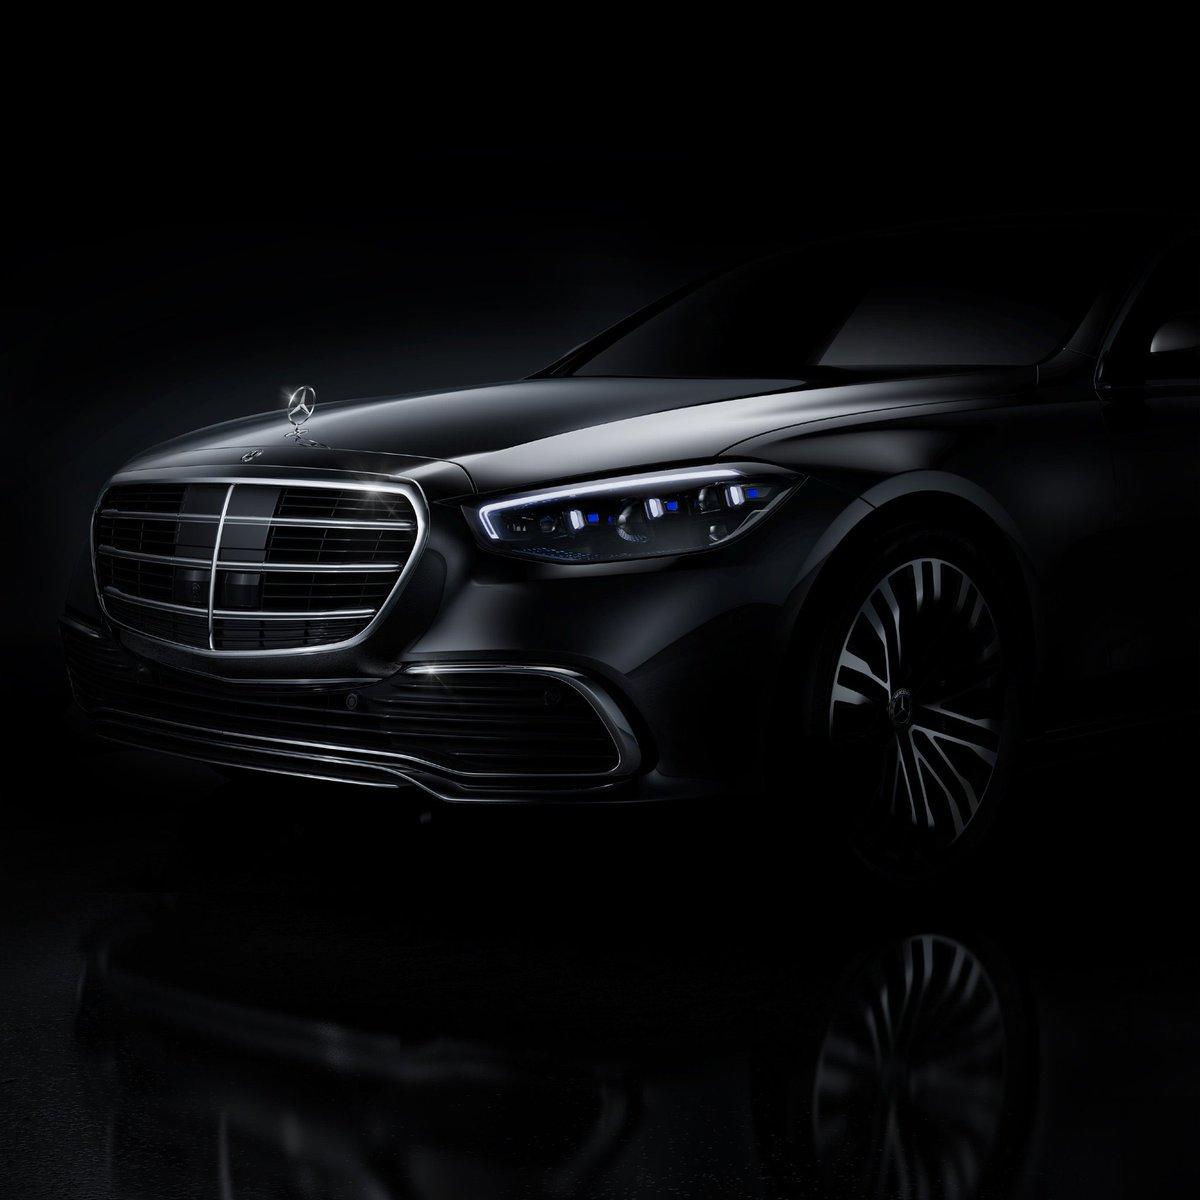 the new #SClass  #MercedesBenz https://t.co/335HqrLlRM